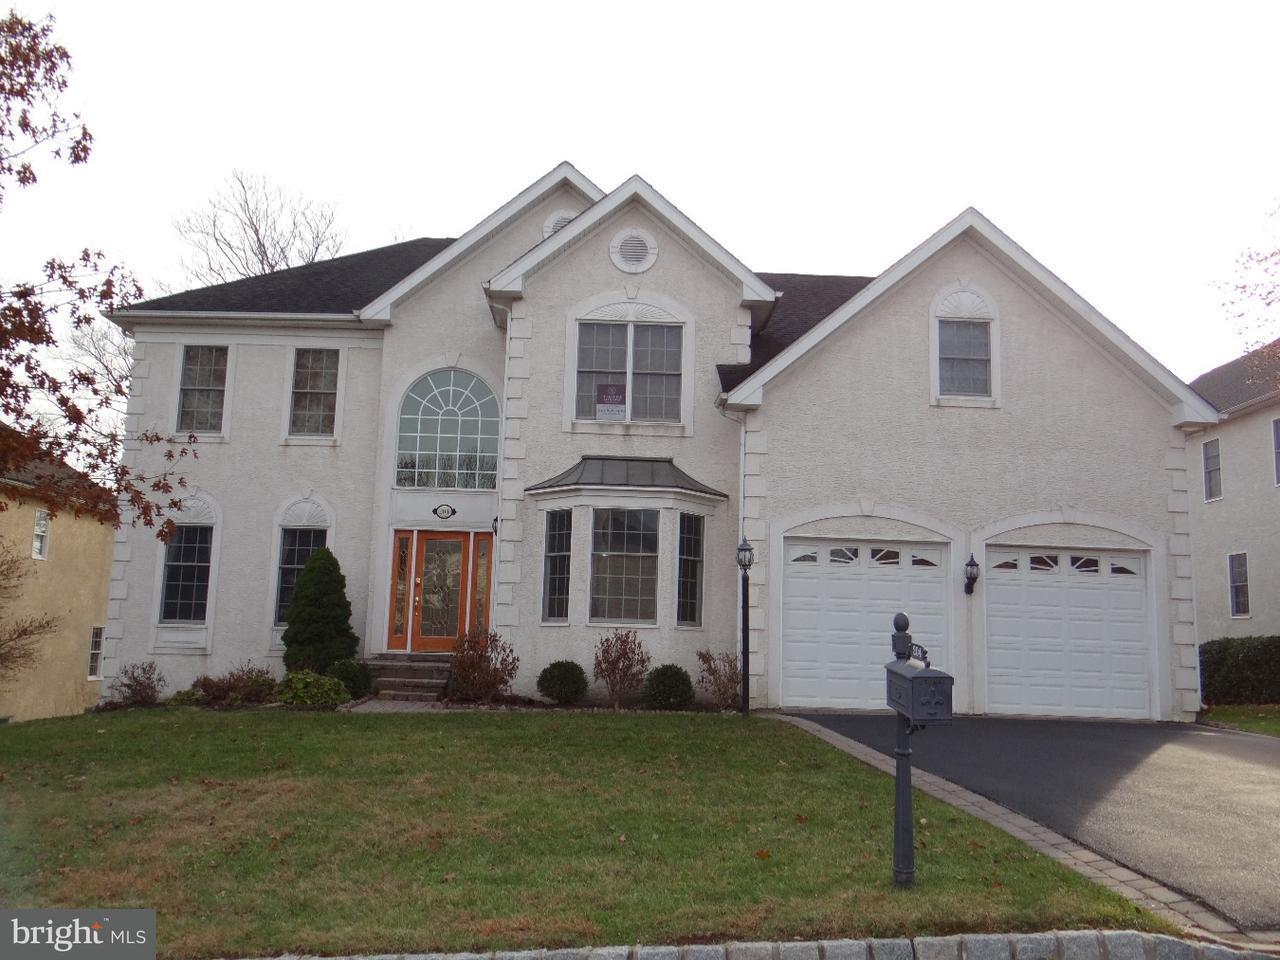 独户住宅 为 出租 在 204 RIVERCREST Drive 菲尼克斯维尔, 宾夕法尼亚州 19460 美国